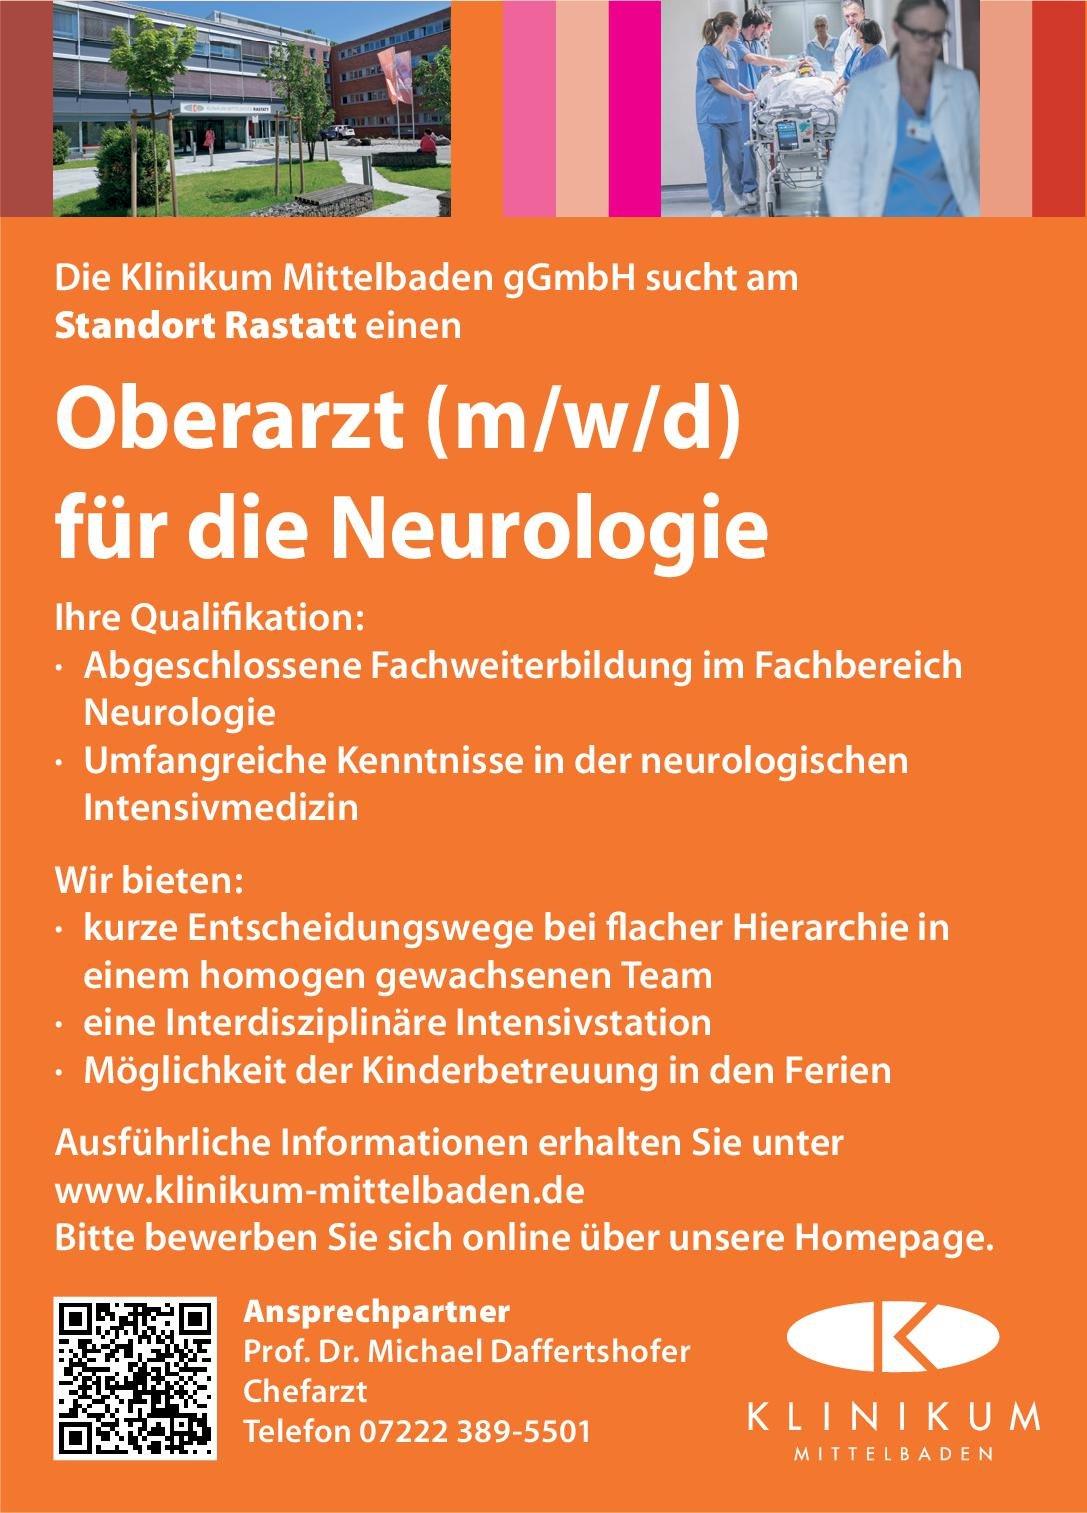 Klinikum Mittelbaden gGmbH Oberarzt (m/w/d) für die Neurologie Neurologie Oberarzt